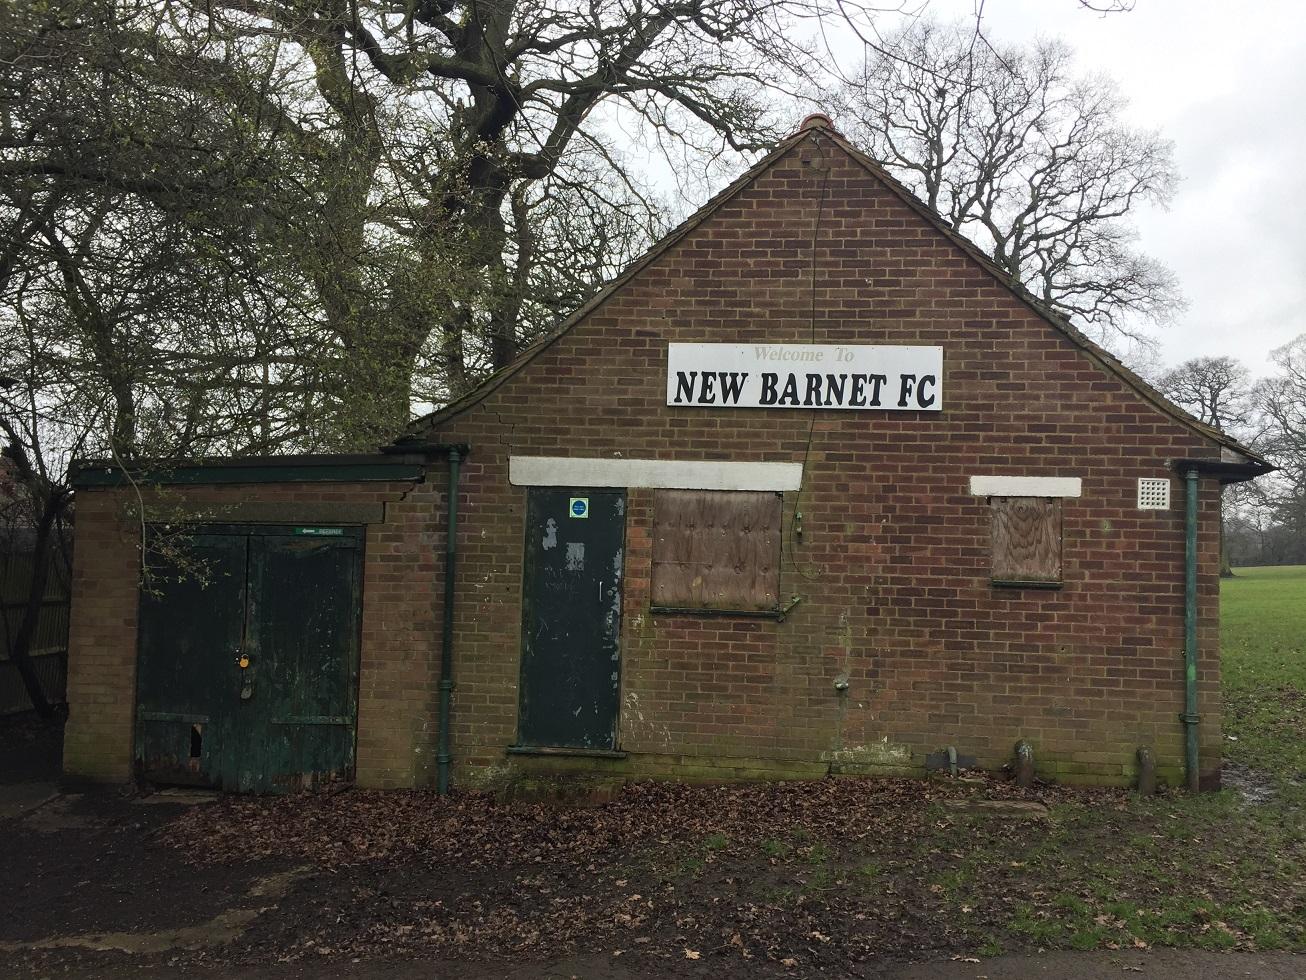 New Barnet FC